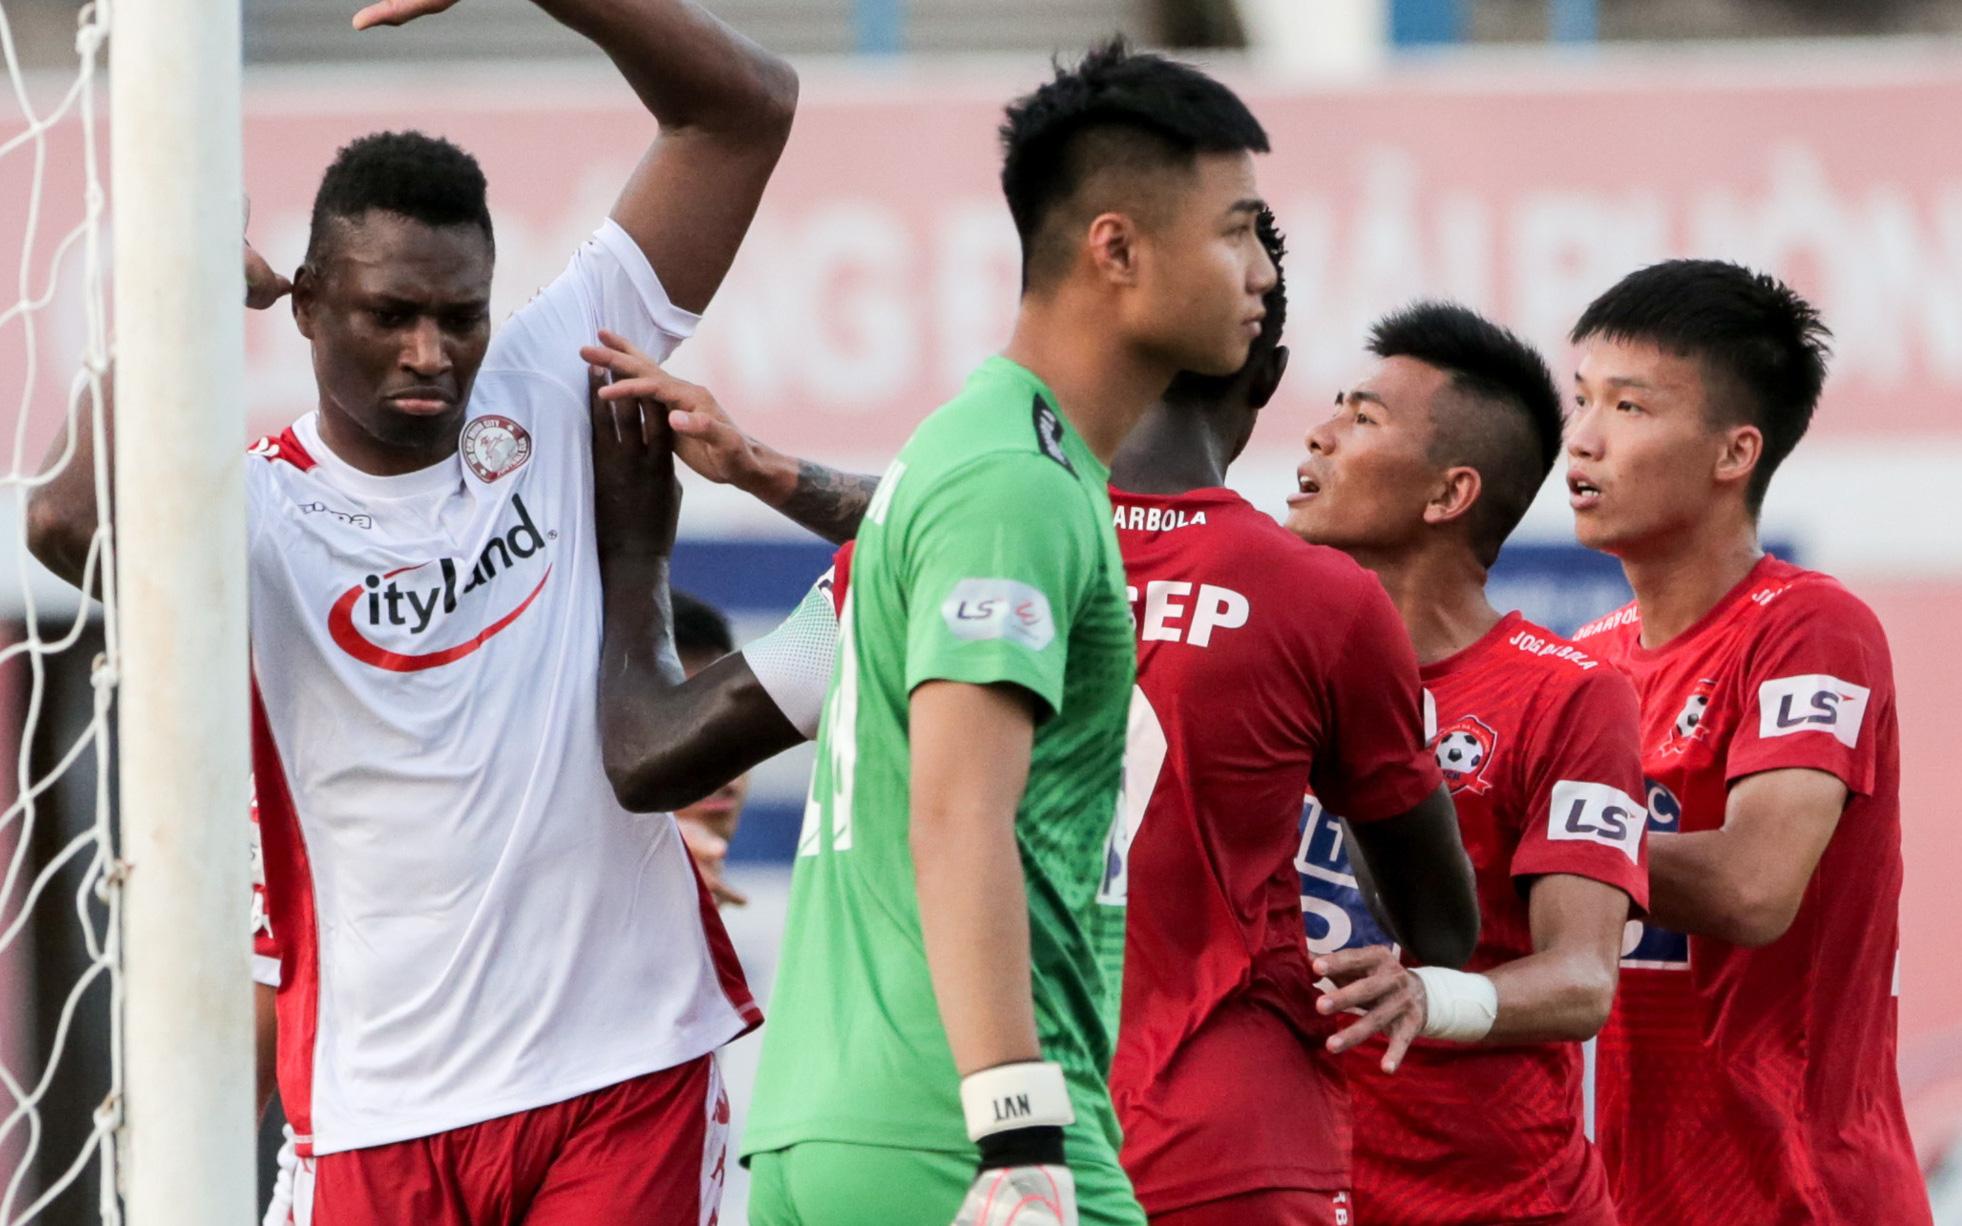 Cựu tuyển thủ Việt Nam xui học trò gây áp lực với trọng tài để đối thủ nhận thẻ phạt